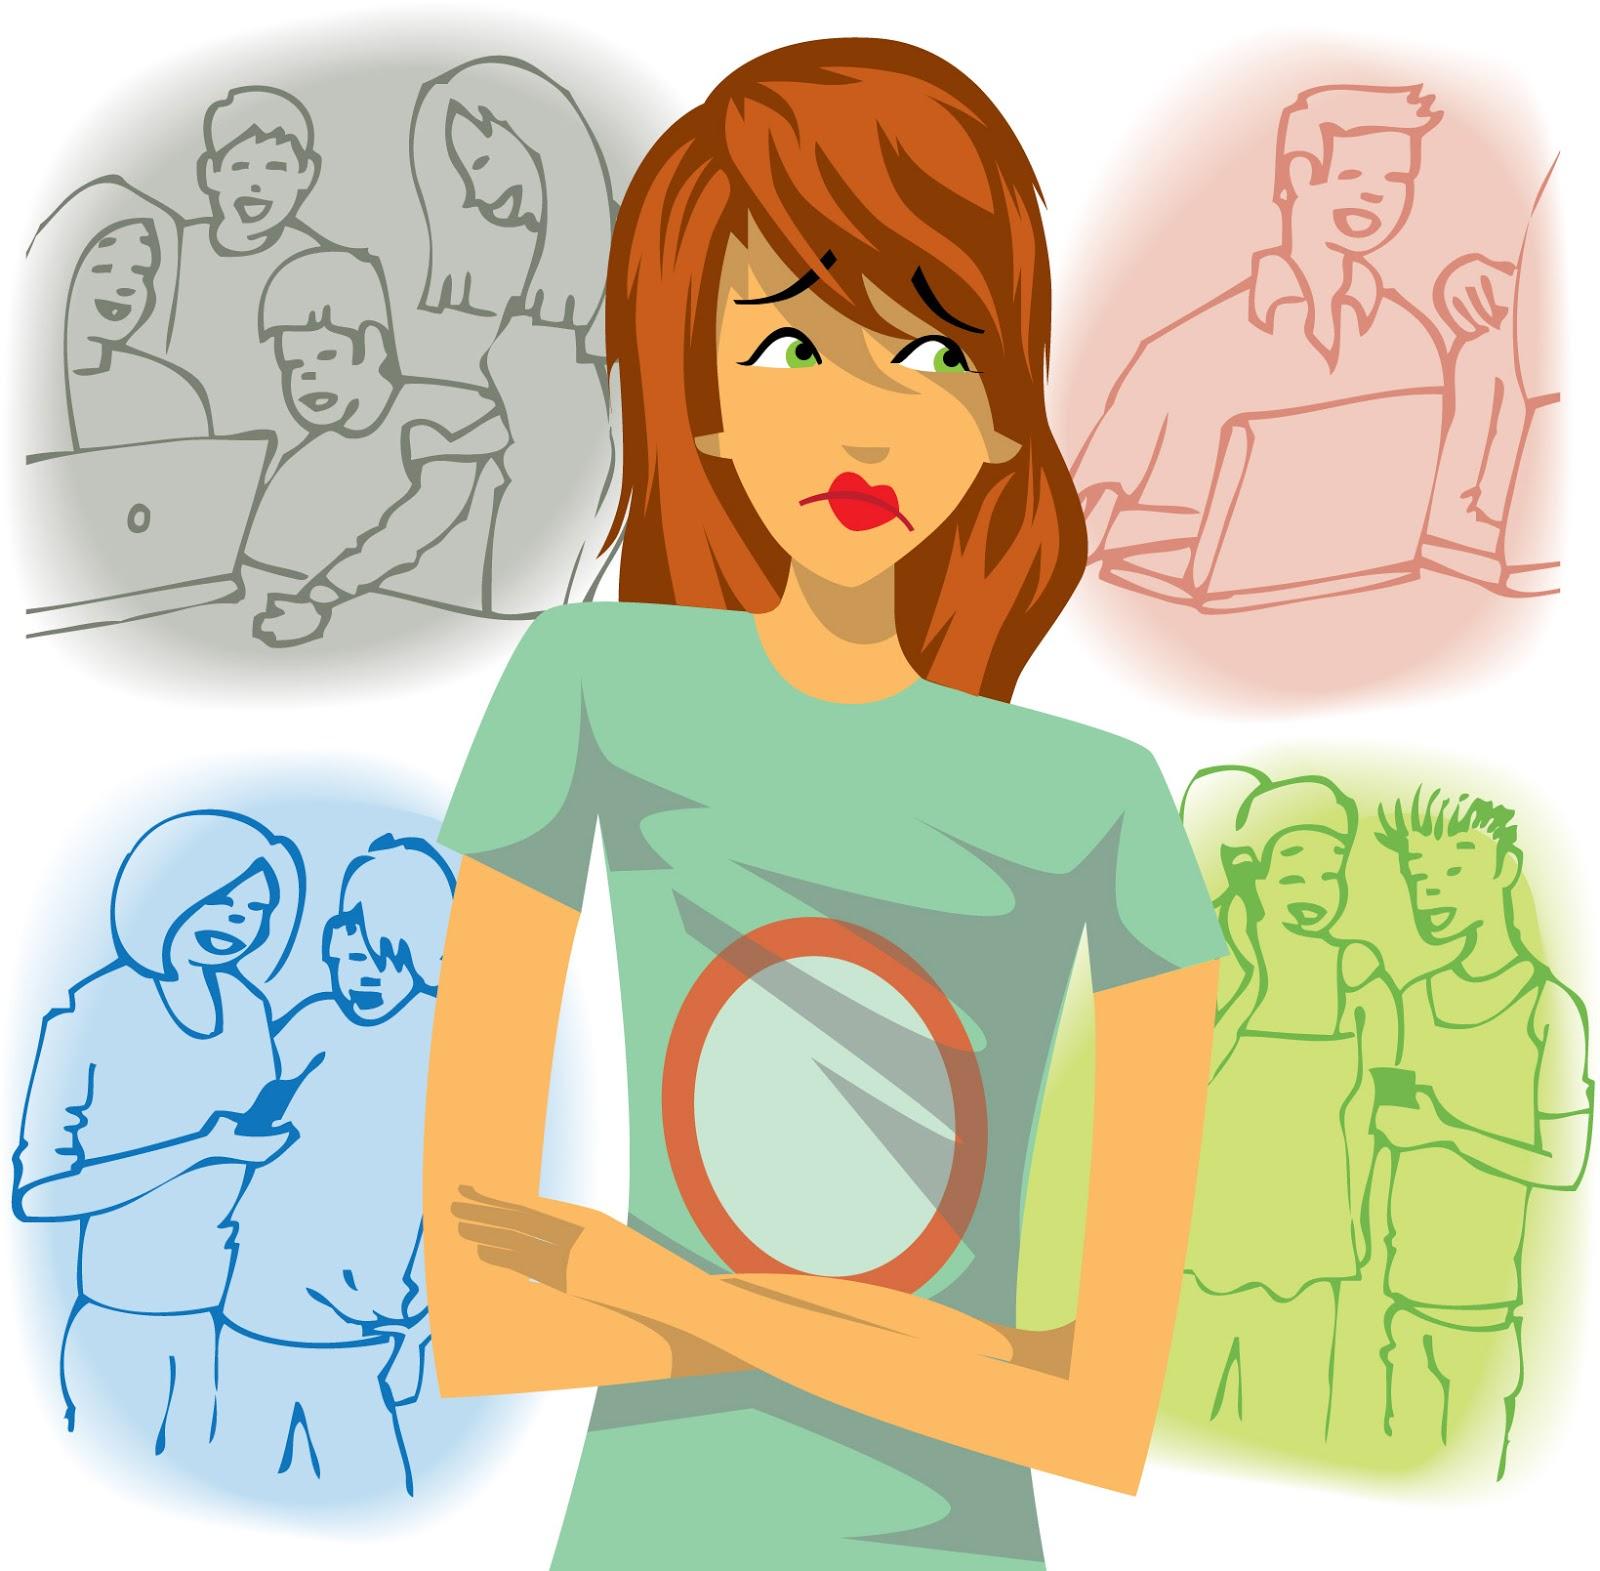 La sexualidad en la sociedad actual - Educacin Sexual